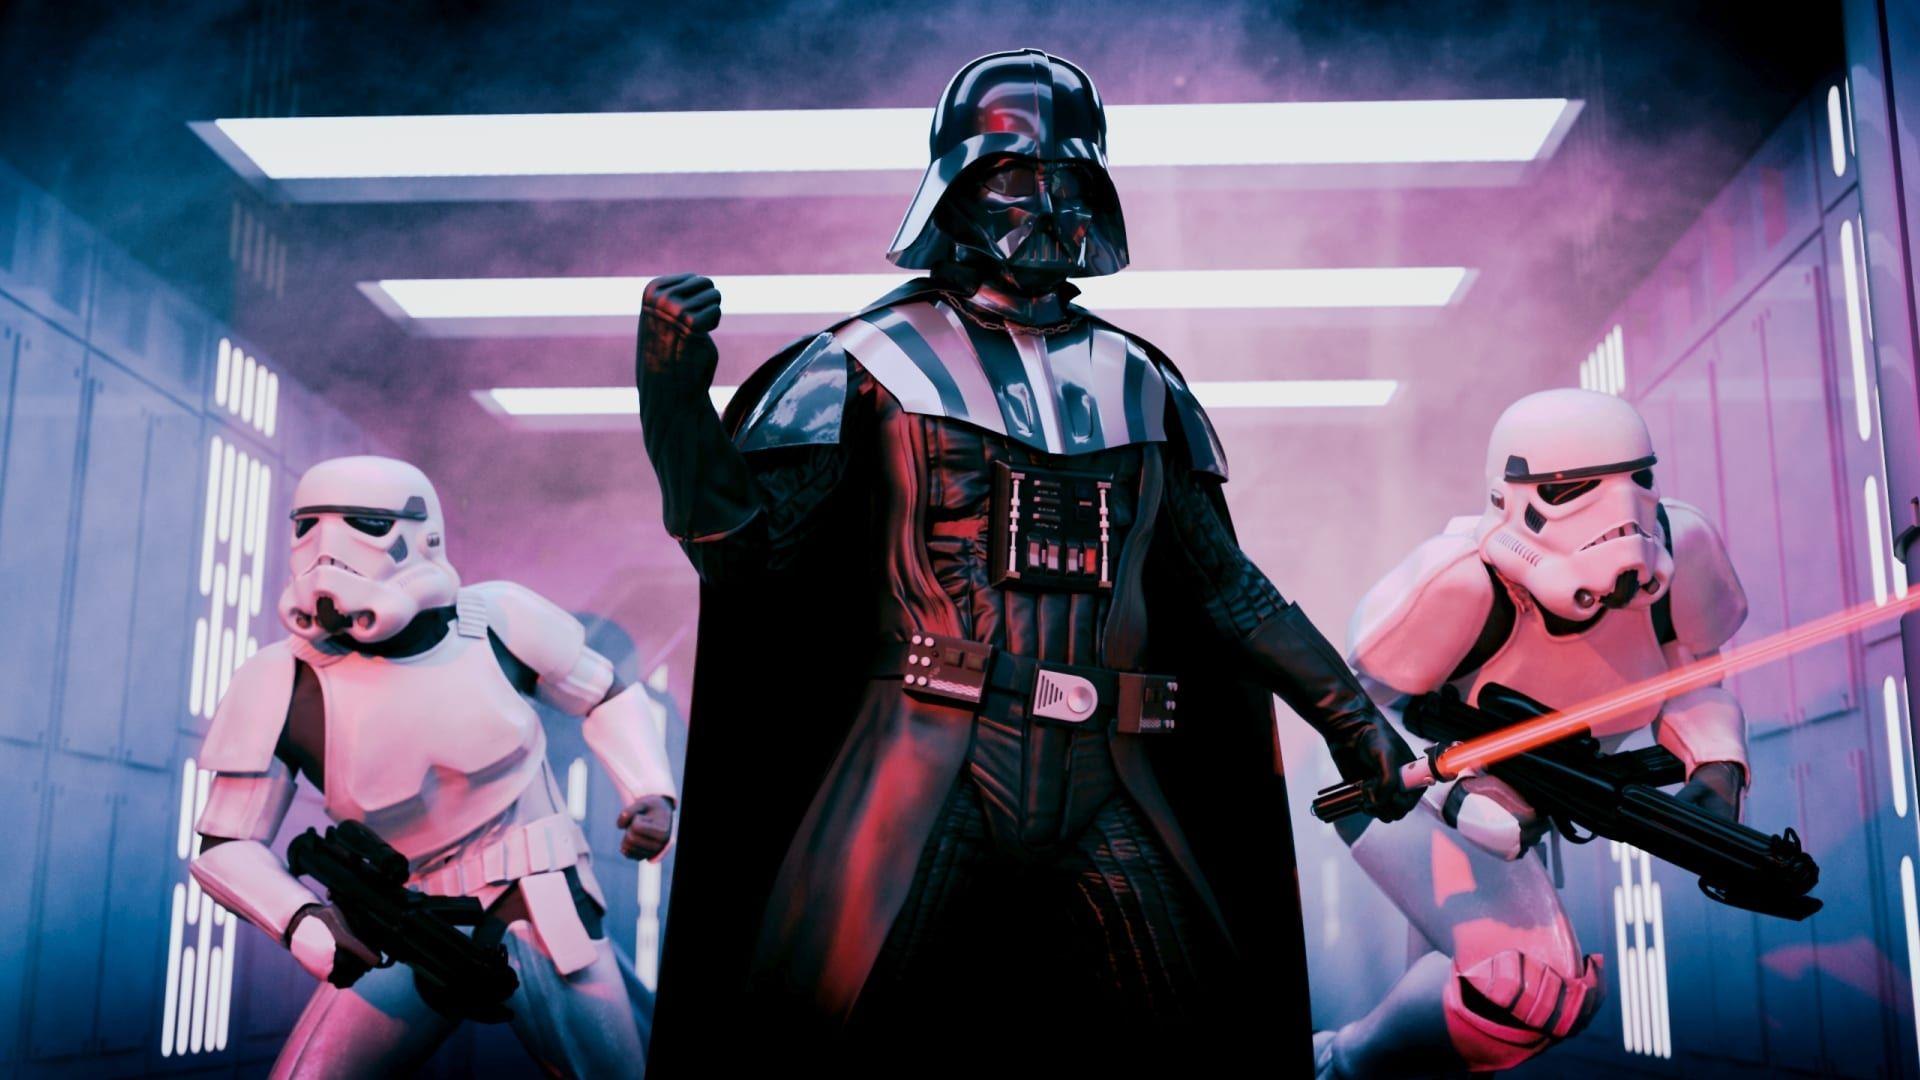 Krieg Der Sterne 1977 Ganzer Film Stream Deutsch Komplett Online Krieg Der Sterne 1977complete Film Deutsch Star Wars Watch Free Movies Online Star Wars Online